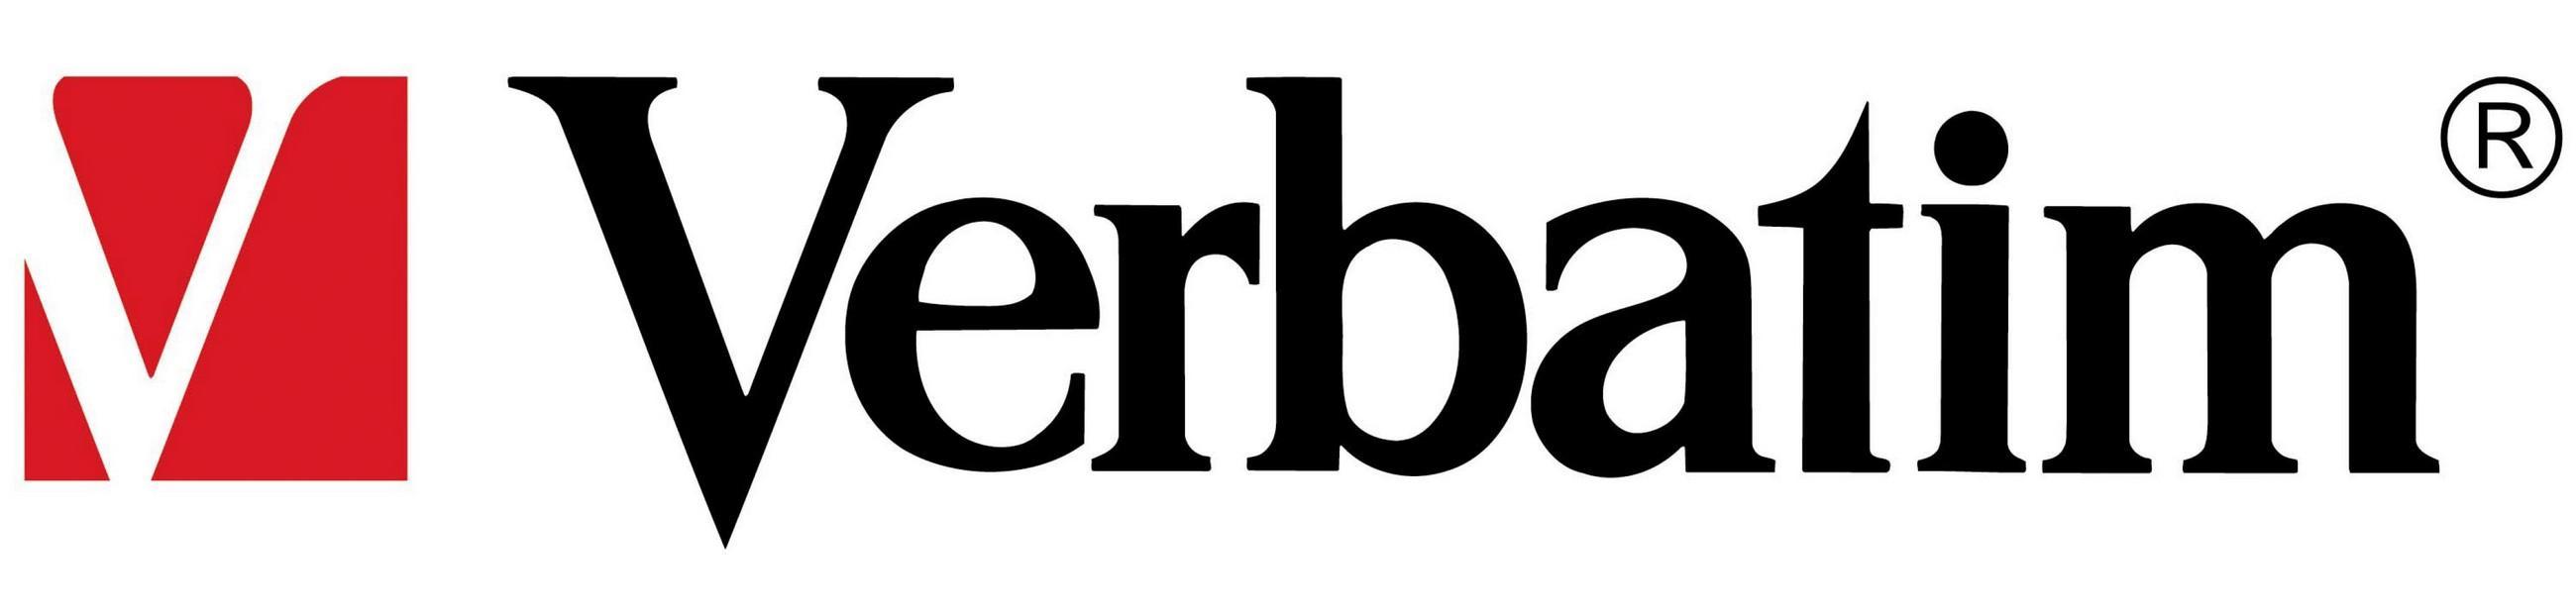 Verbatim Logo Wallpaper